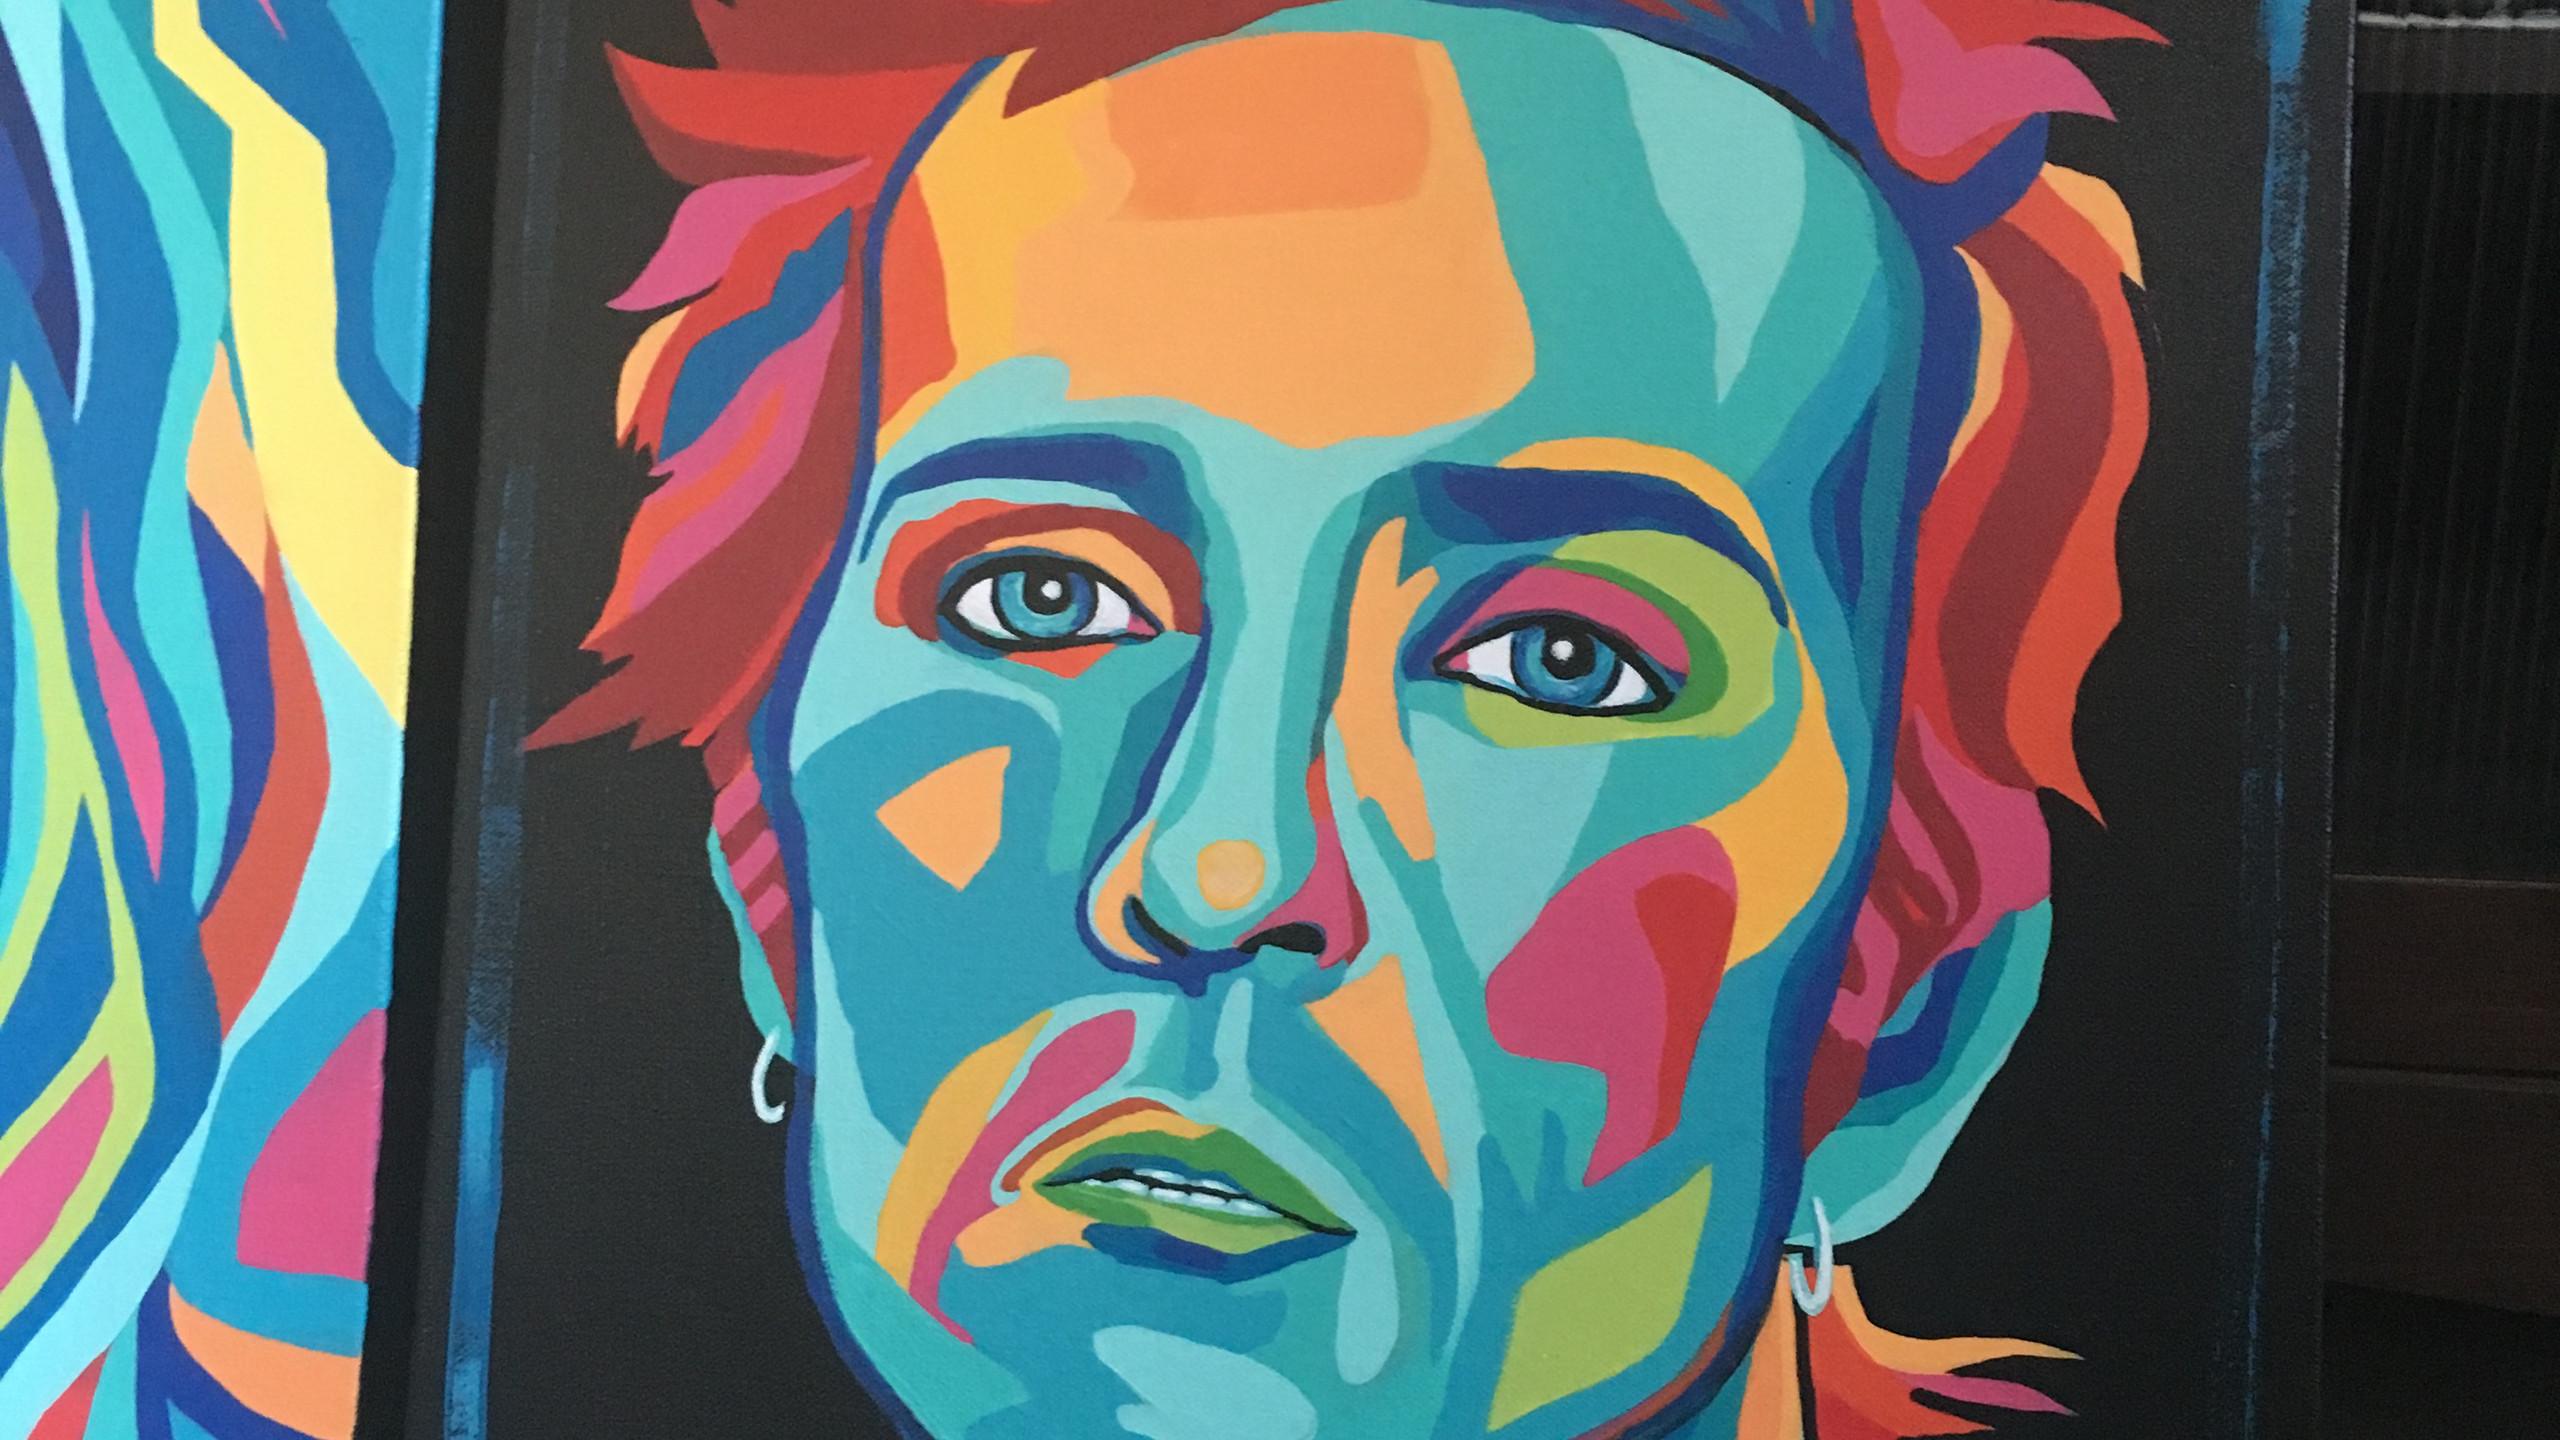 Artist Carrie Milburn's Grunge Gods series